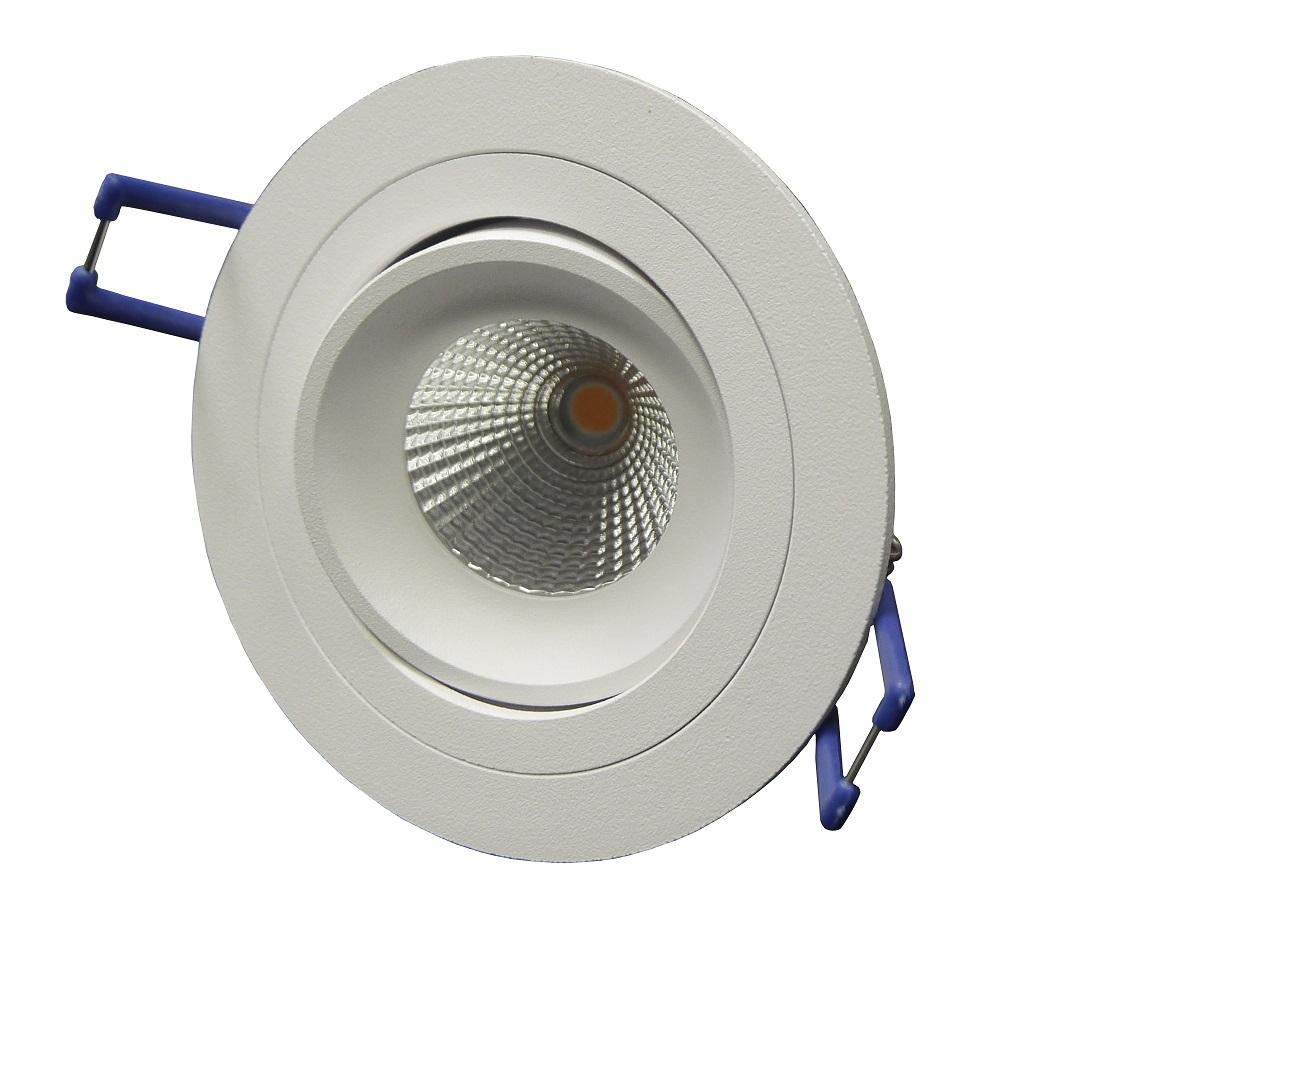 LED-Strahler schwenkbar, rund, weiß | LED Einbaustrahler mittel ...